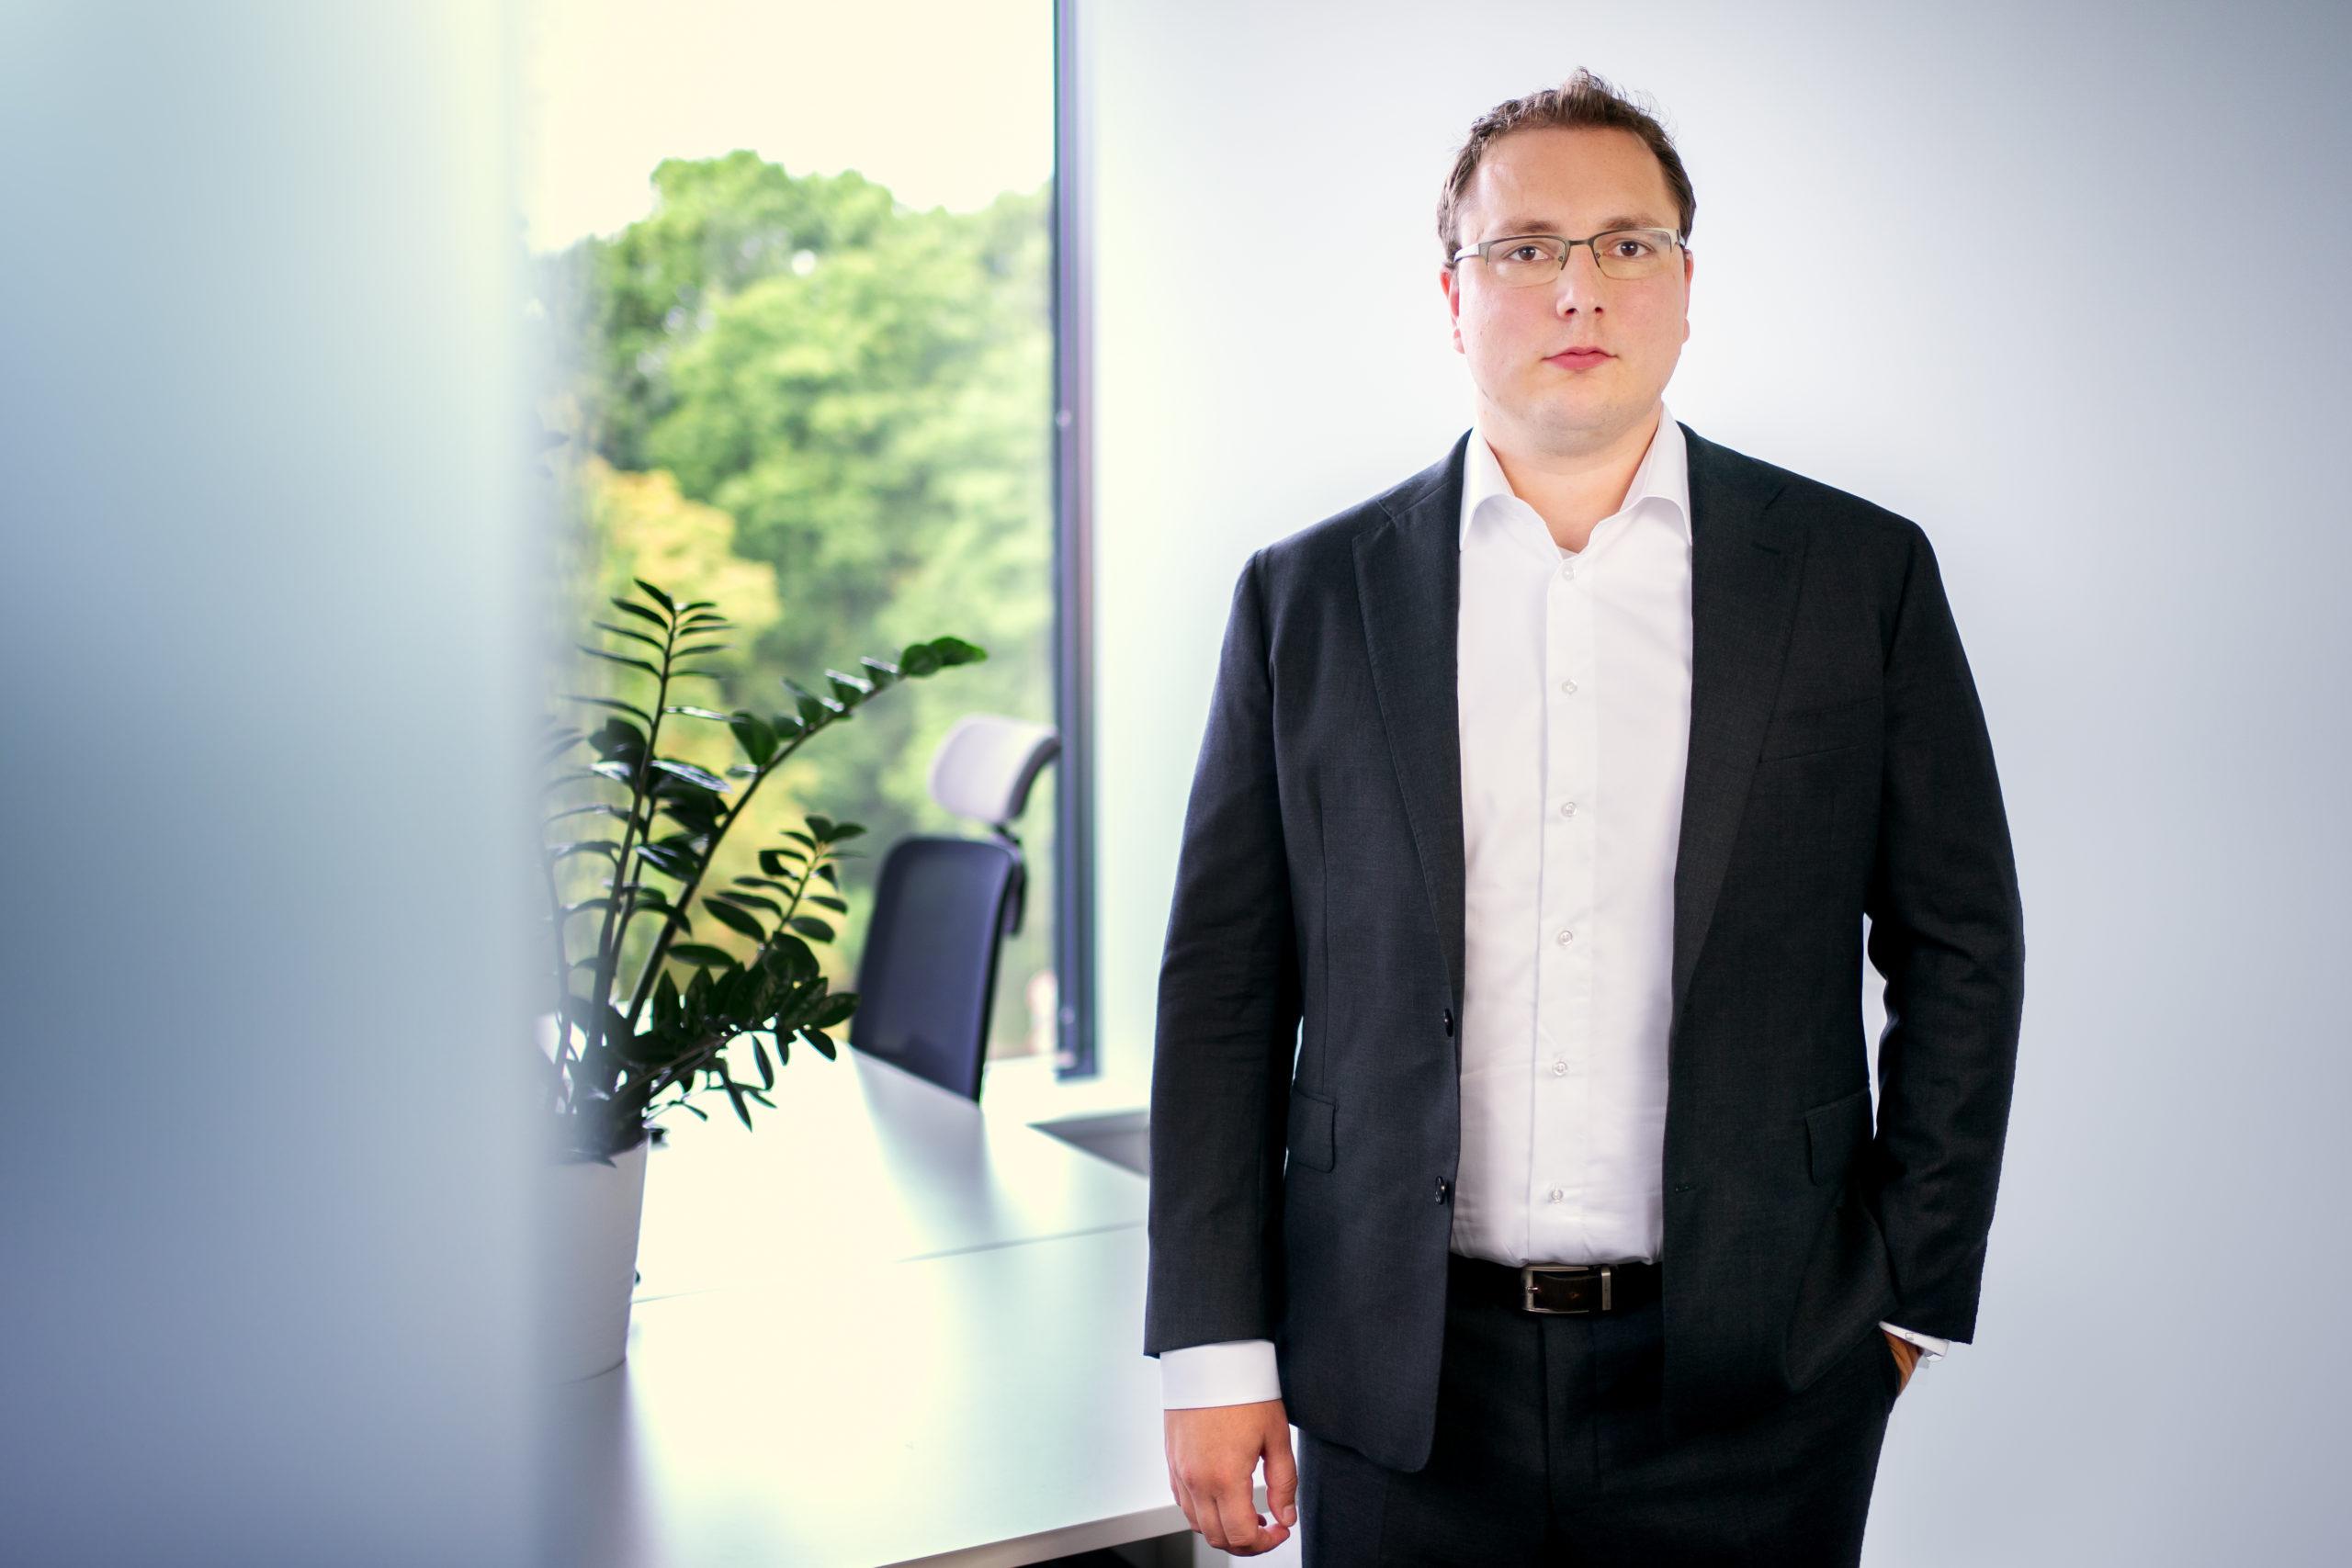 Jan Ptáčník a Martin Heinzel se stali vedoucími advokáty 1